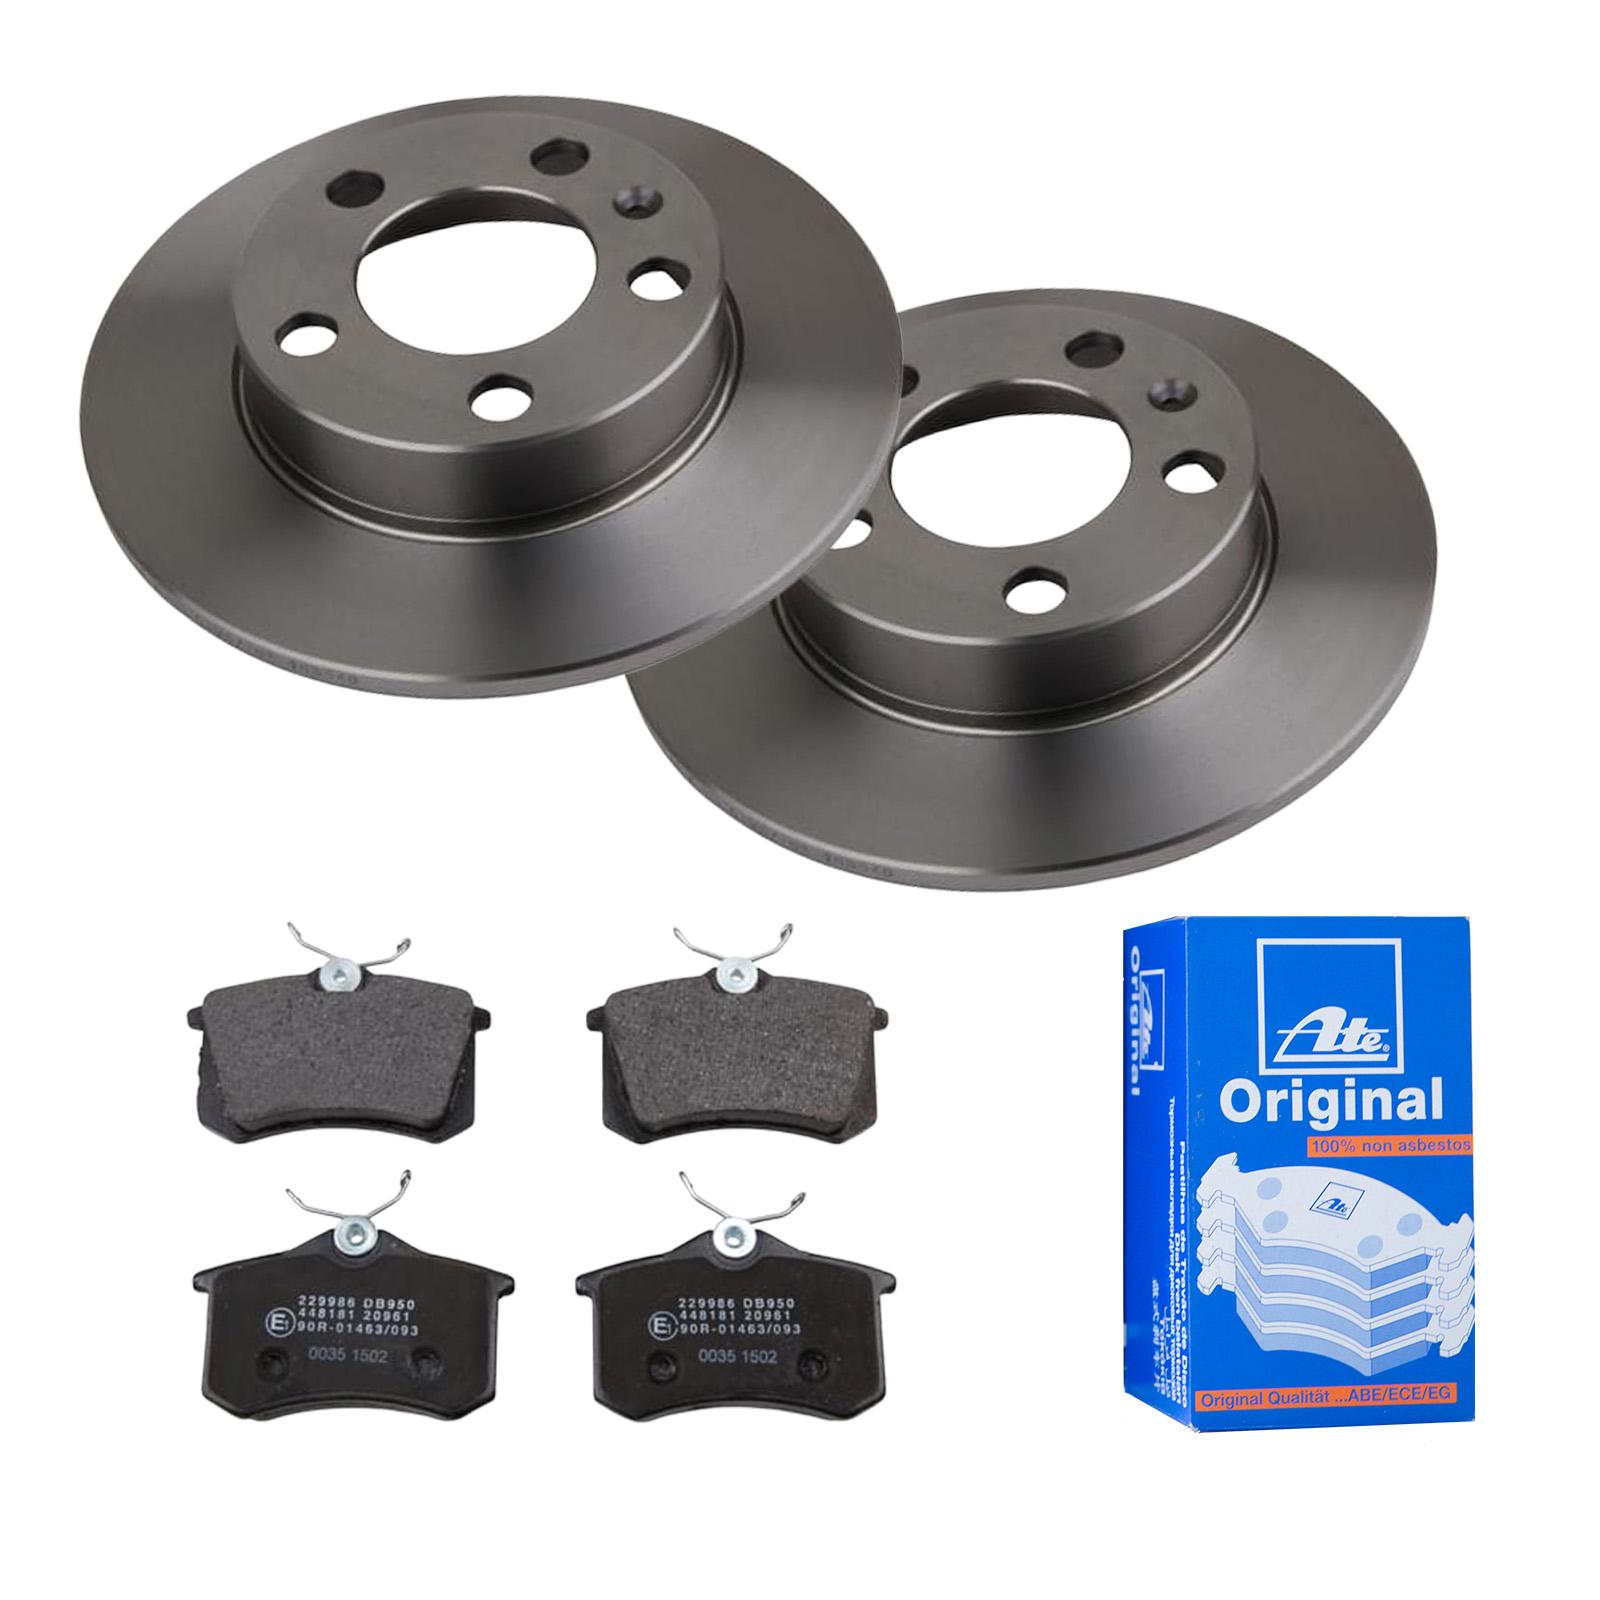 UAT2 disques de frein 230 mm Plein Plaquette de frein arrière pour VWAudiSkodaSeat